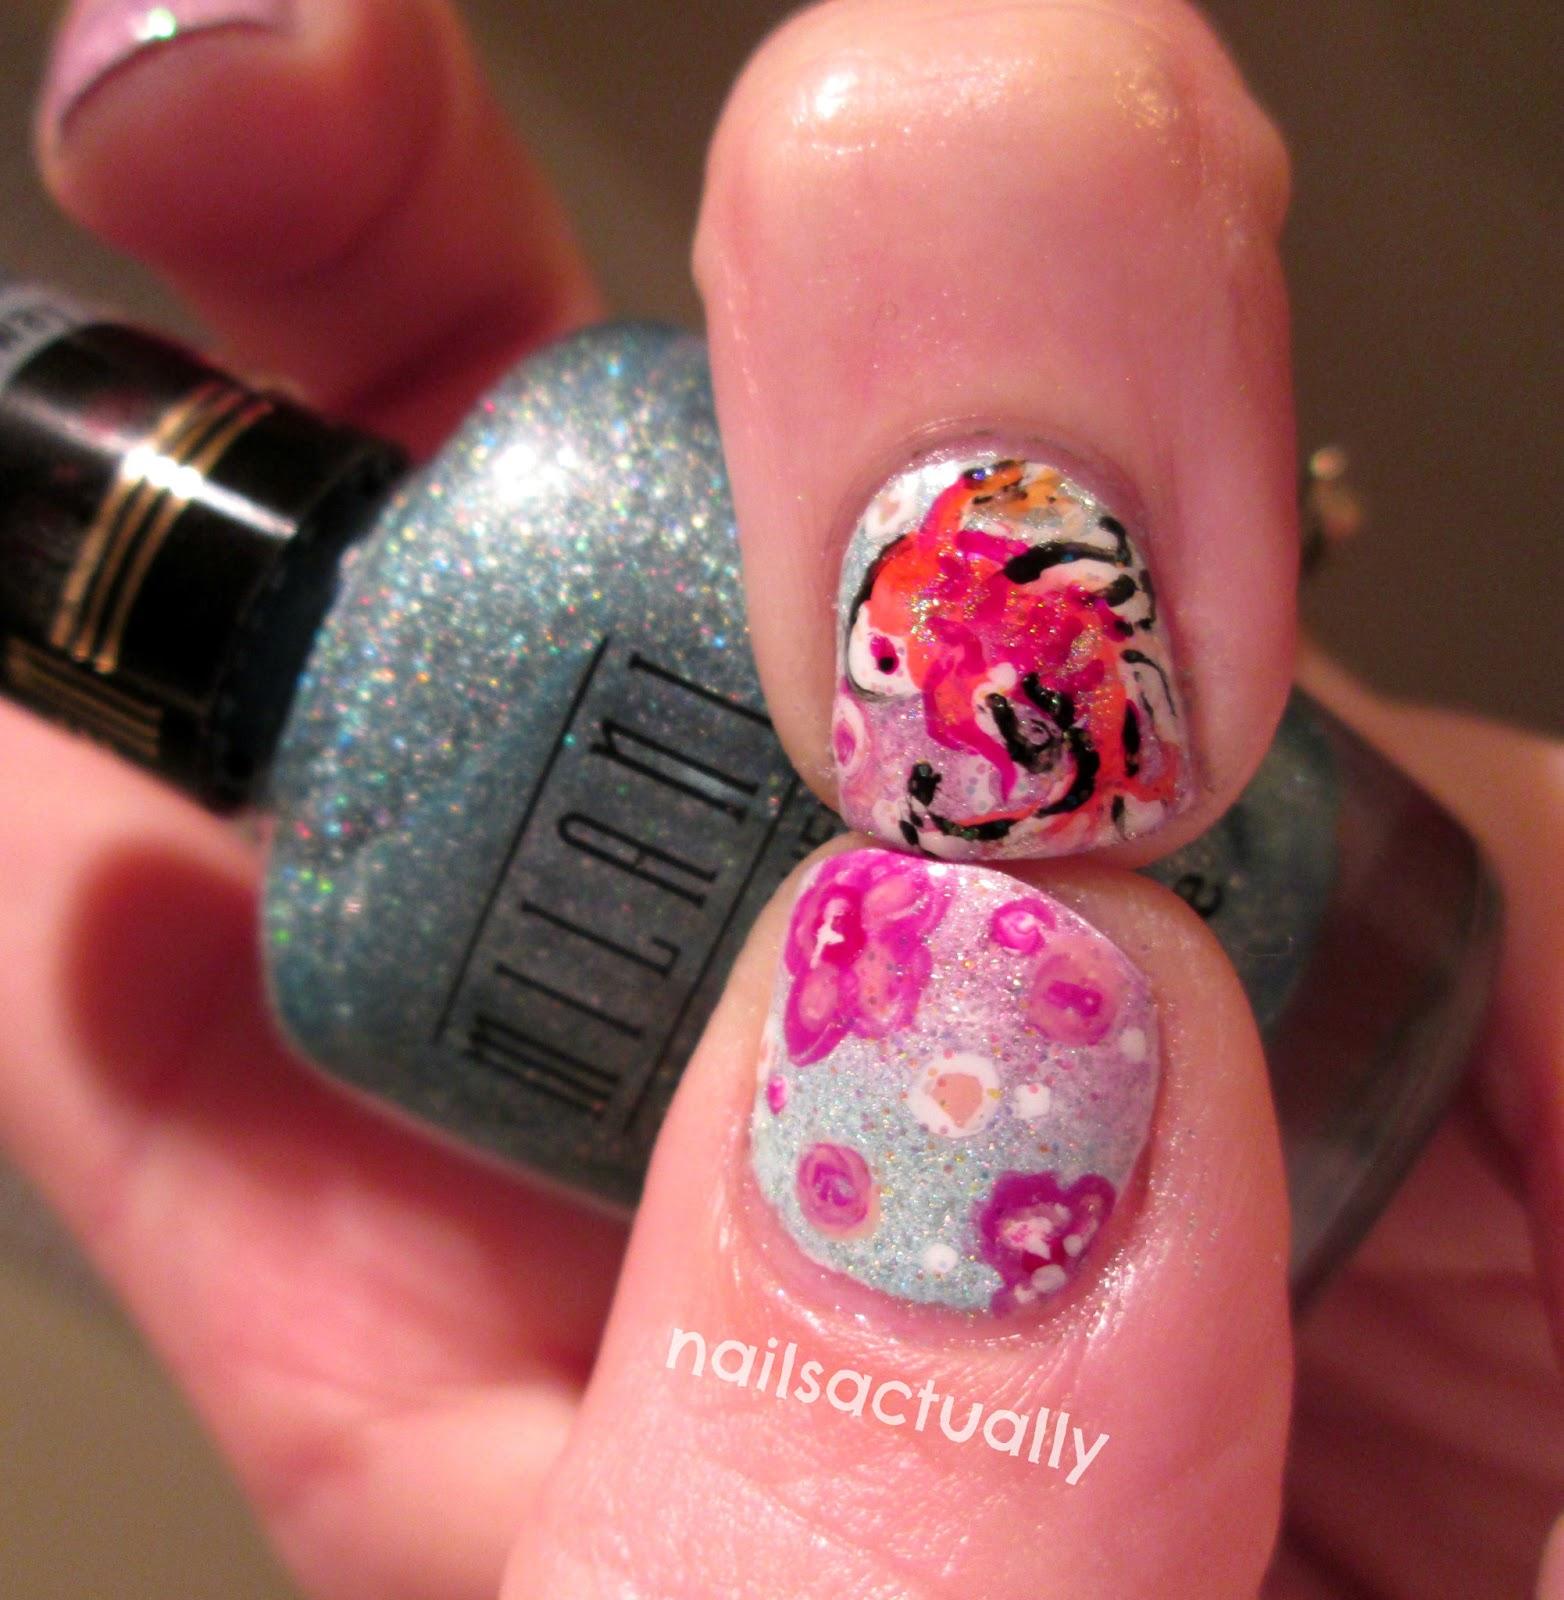 Nails Actually: Koi Nails inspired by Natasha Wescoat